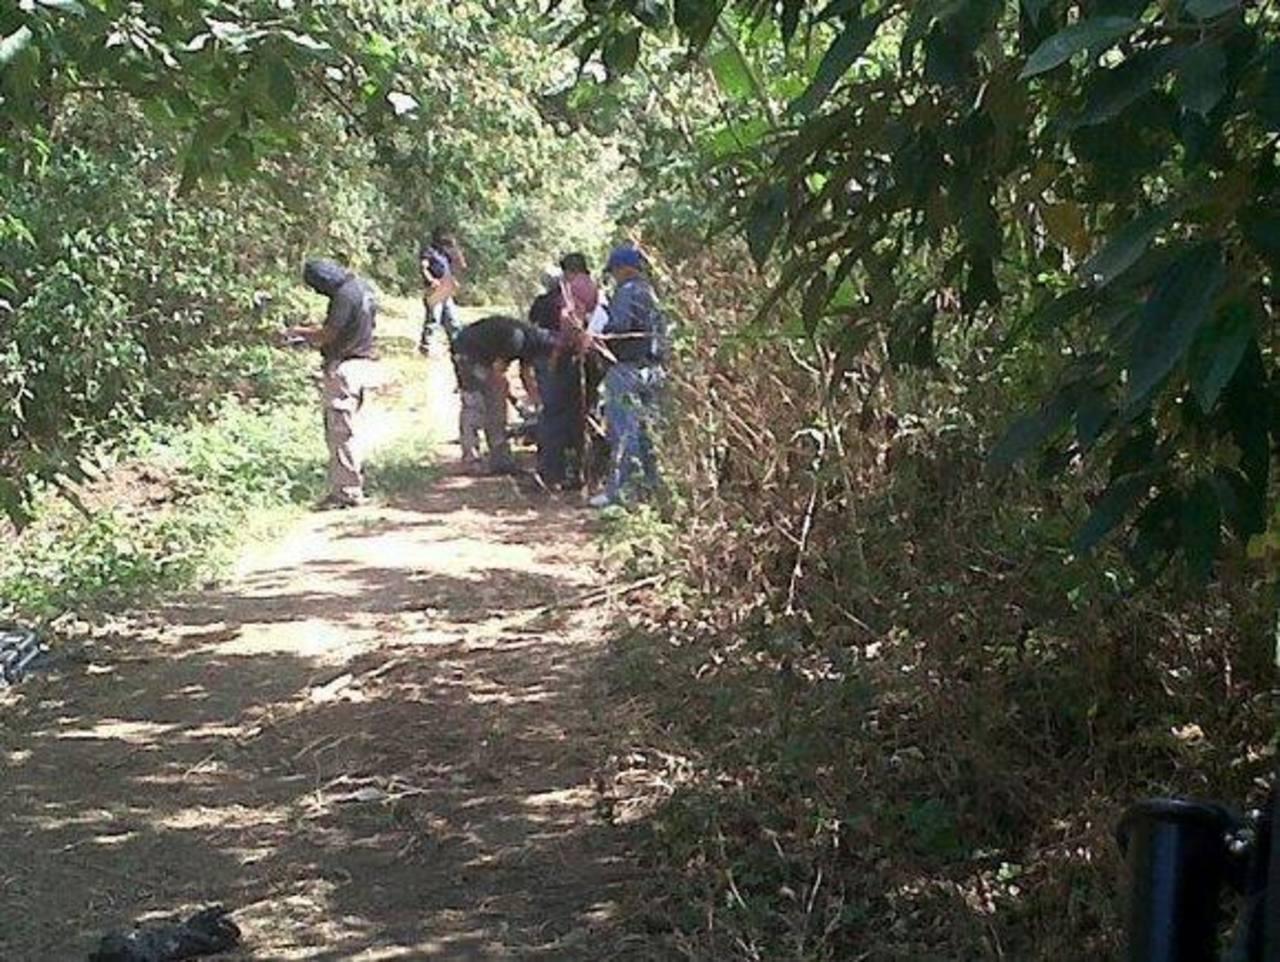 Autoridades procesan escena de homicidio en caserío Agua Fría, Lourdes, Colón, La Libertad. FOTO EDH Lilibeth Sánchez, vía Twitter.